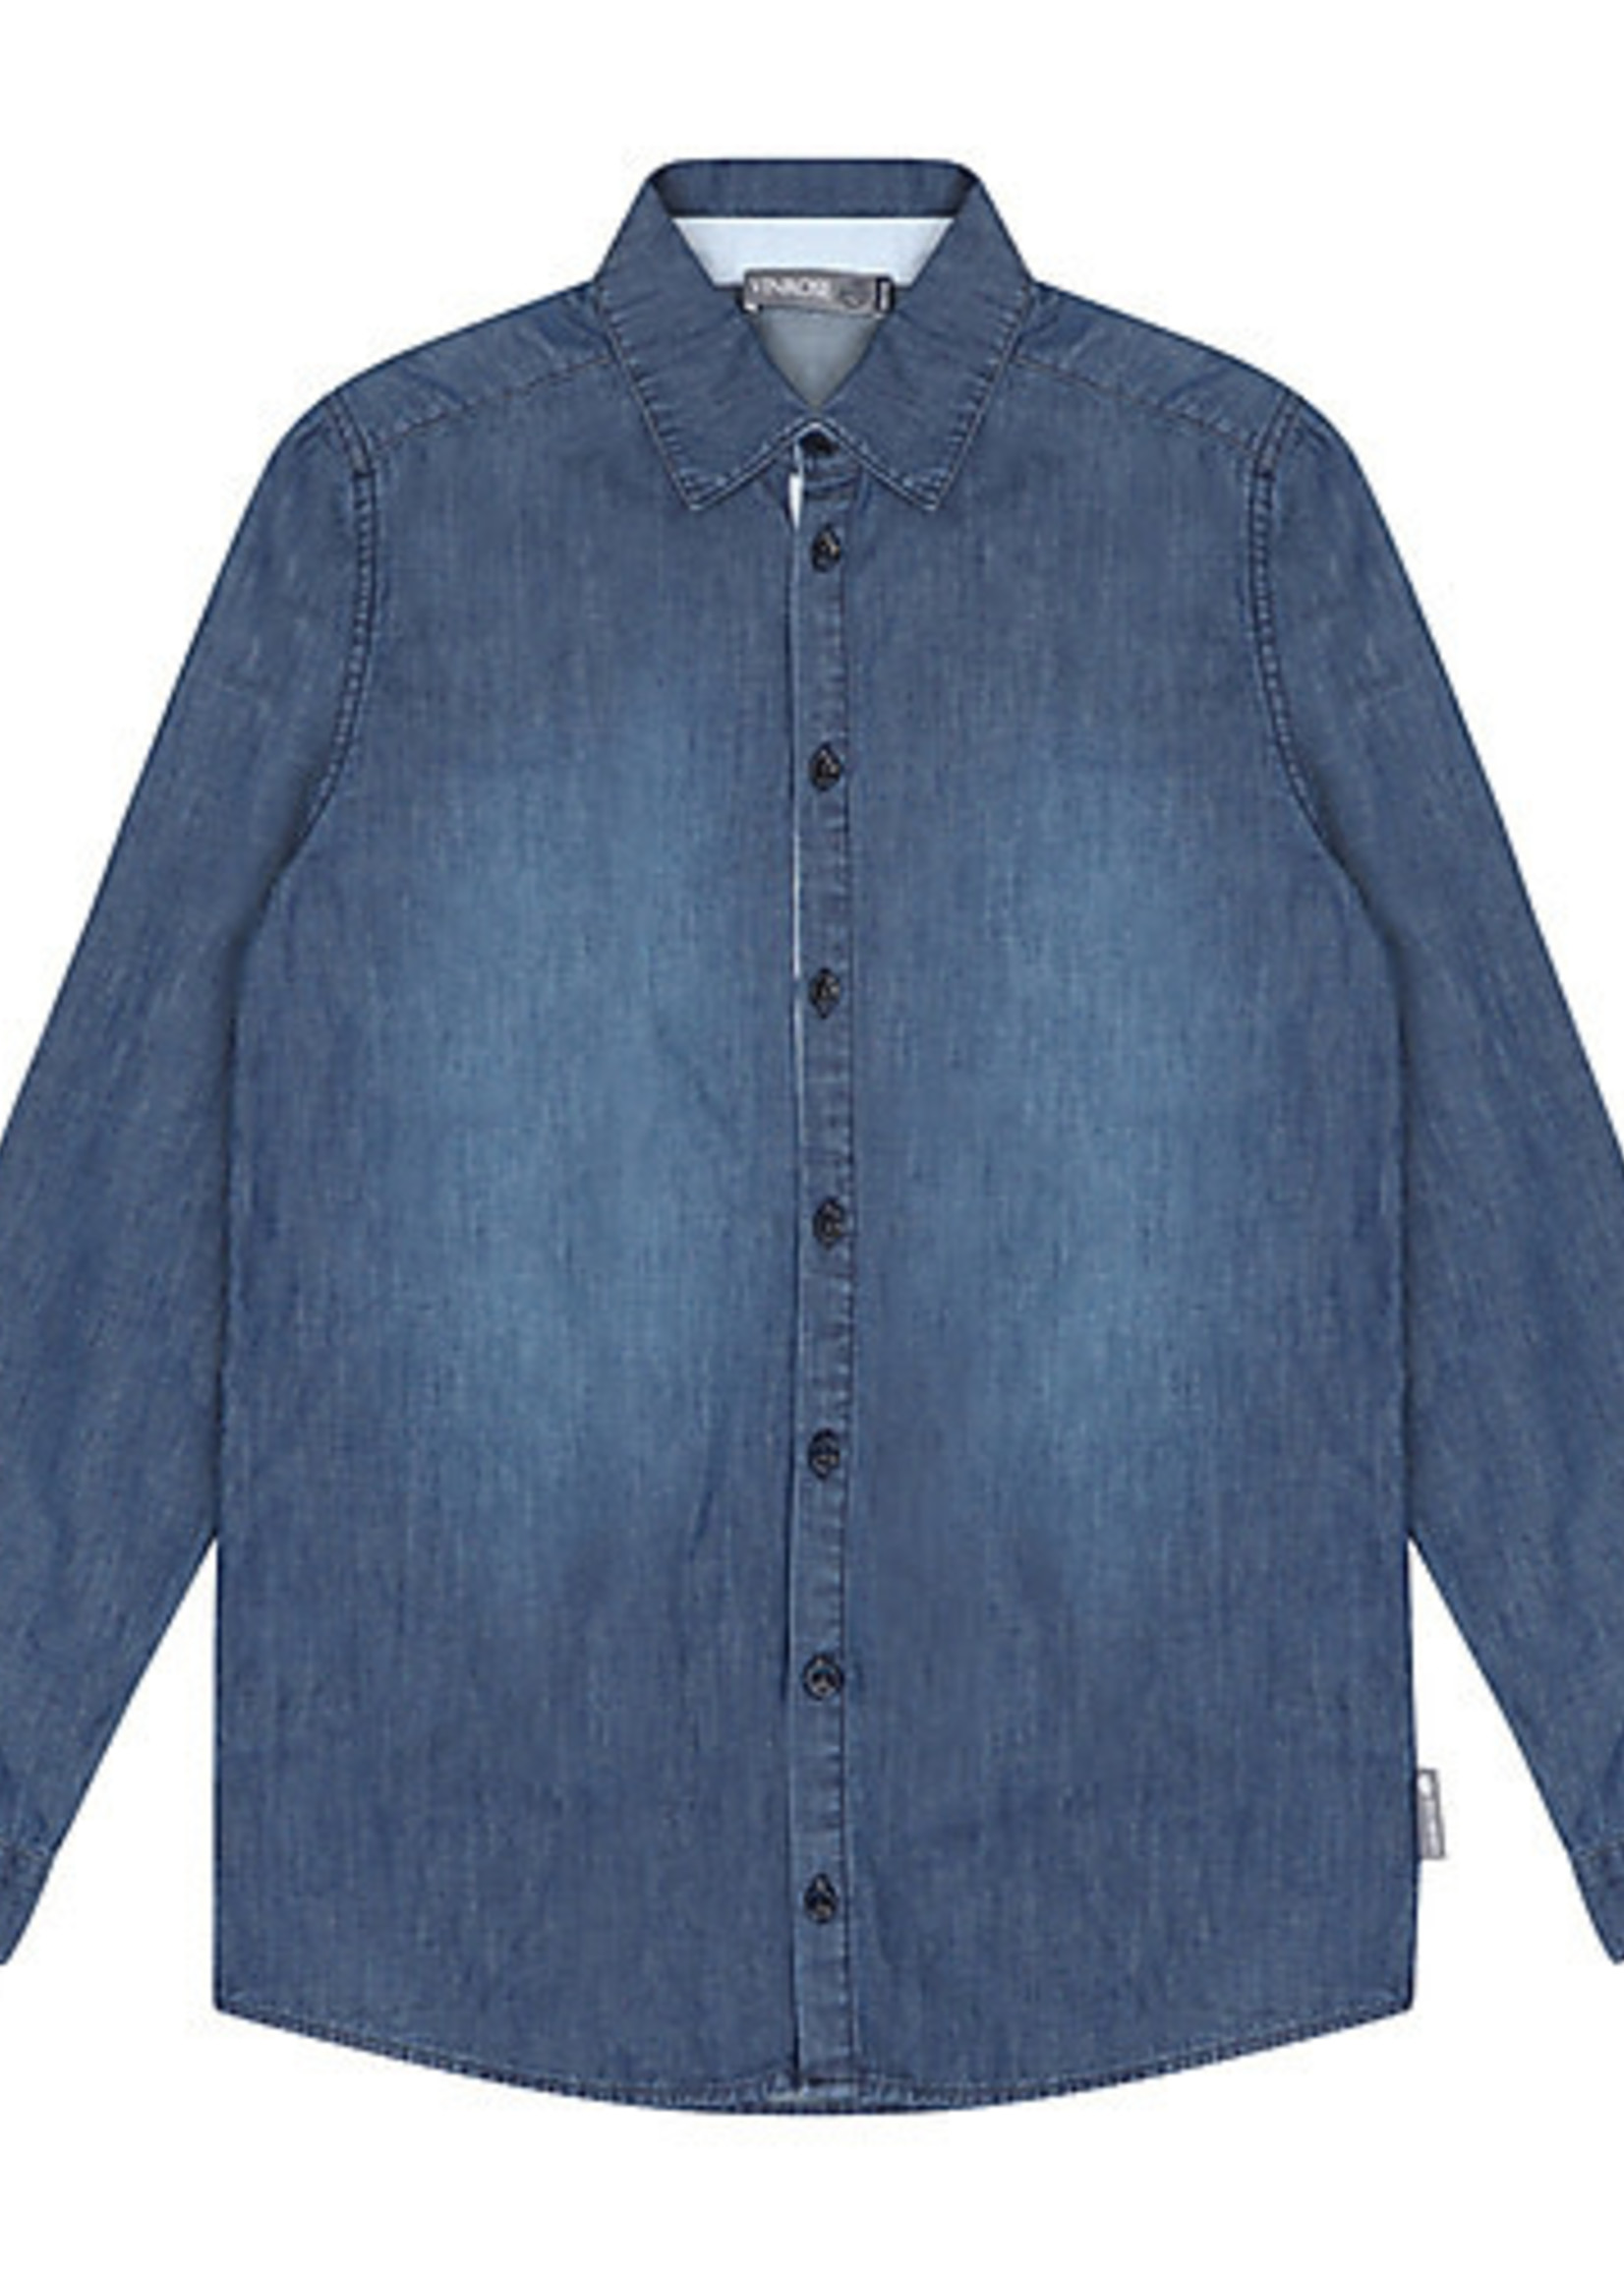 vinrose Vinrose Jeans hemd J